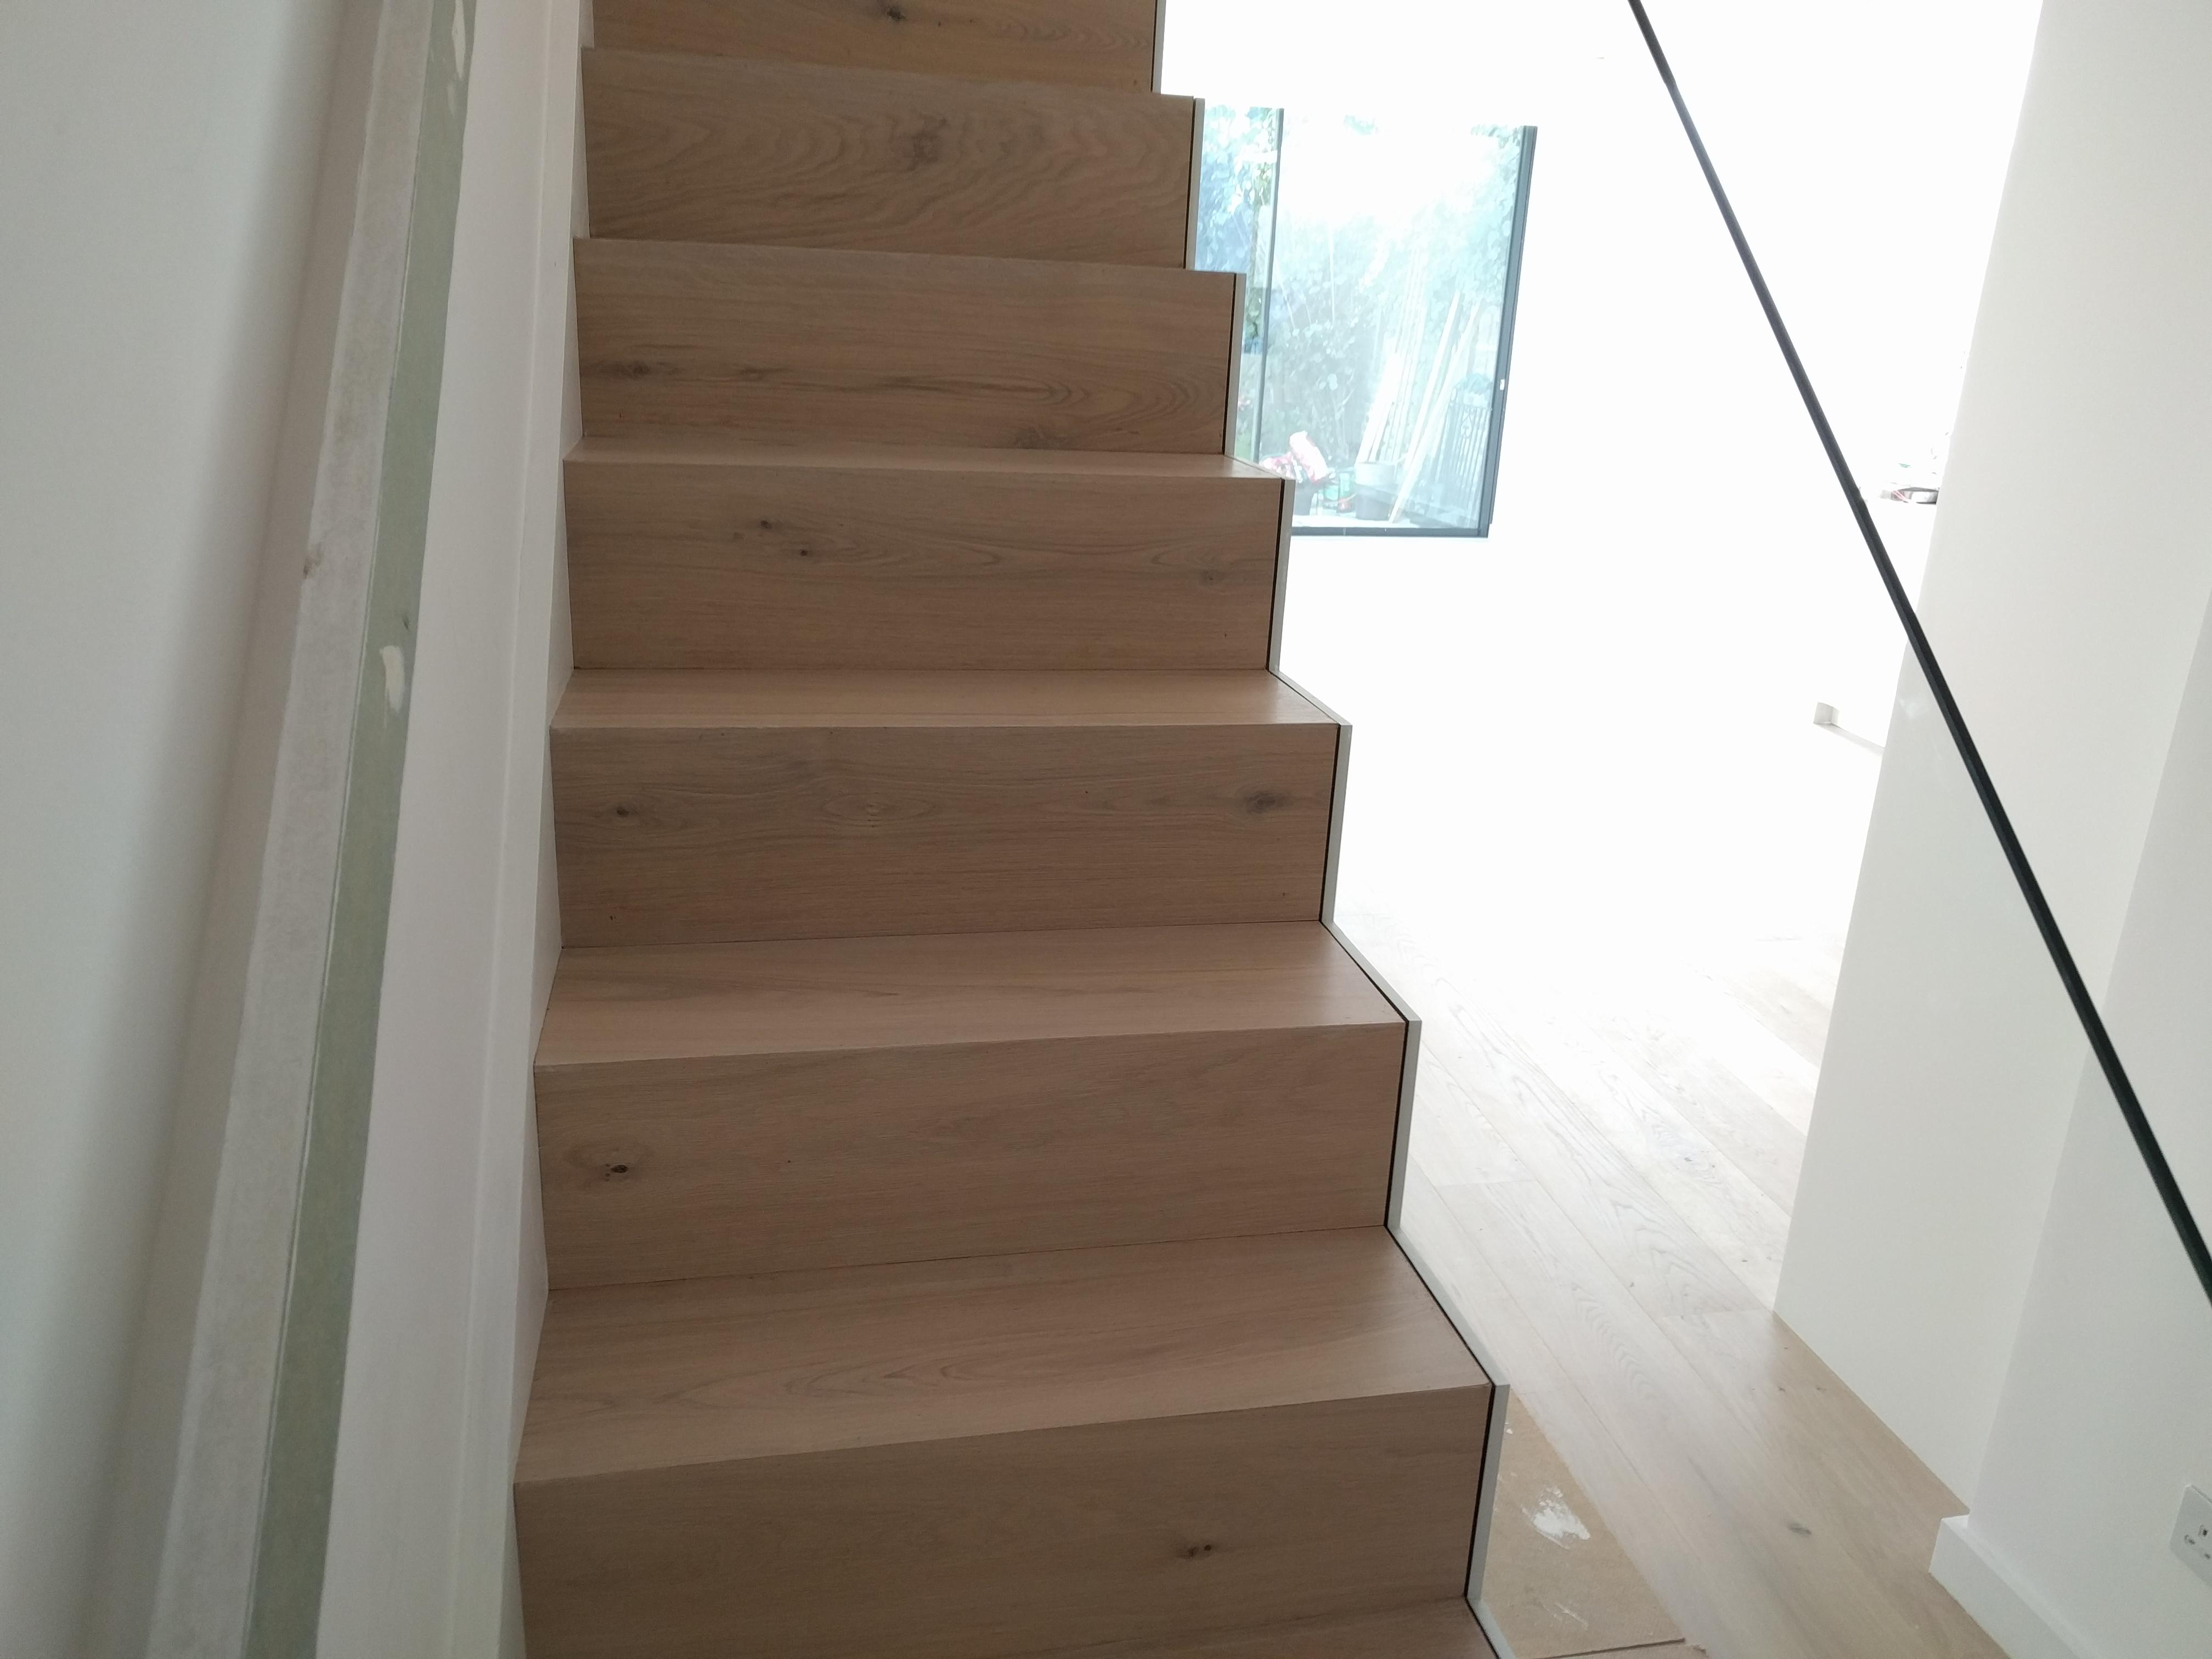 Fin Wood Ltd Photo 42